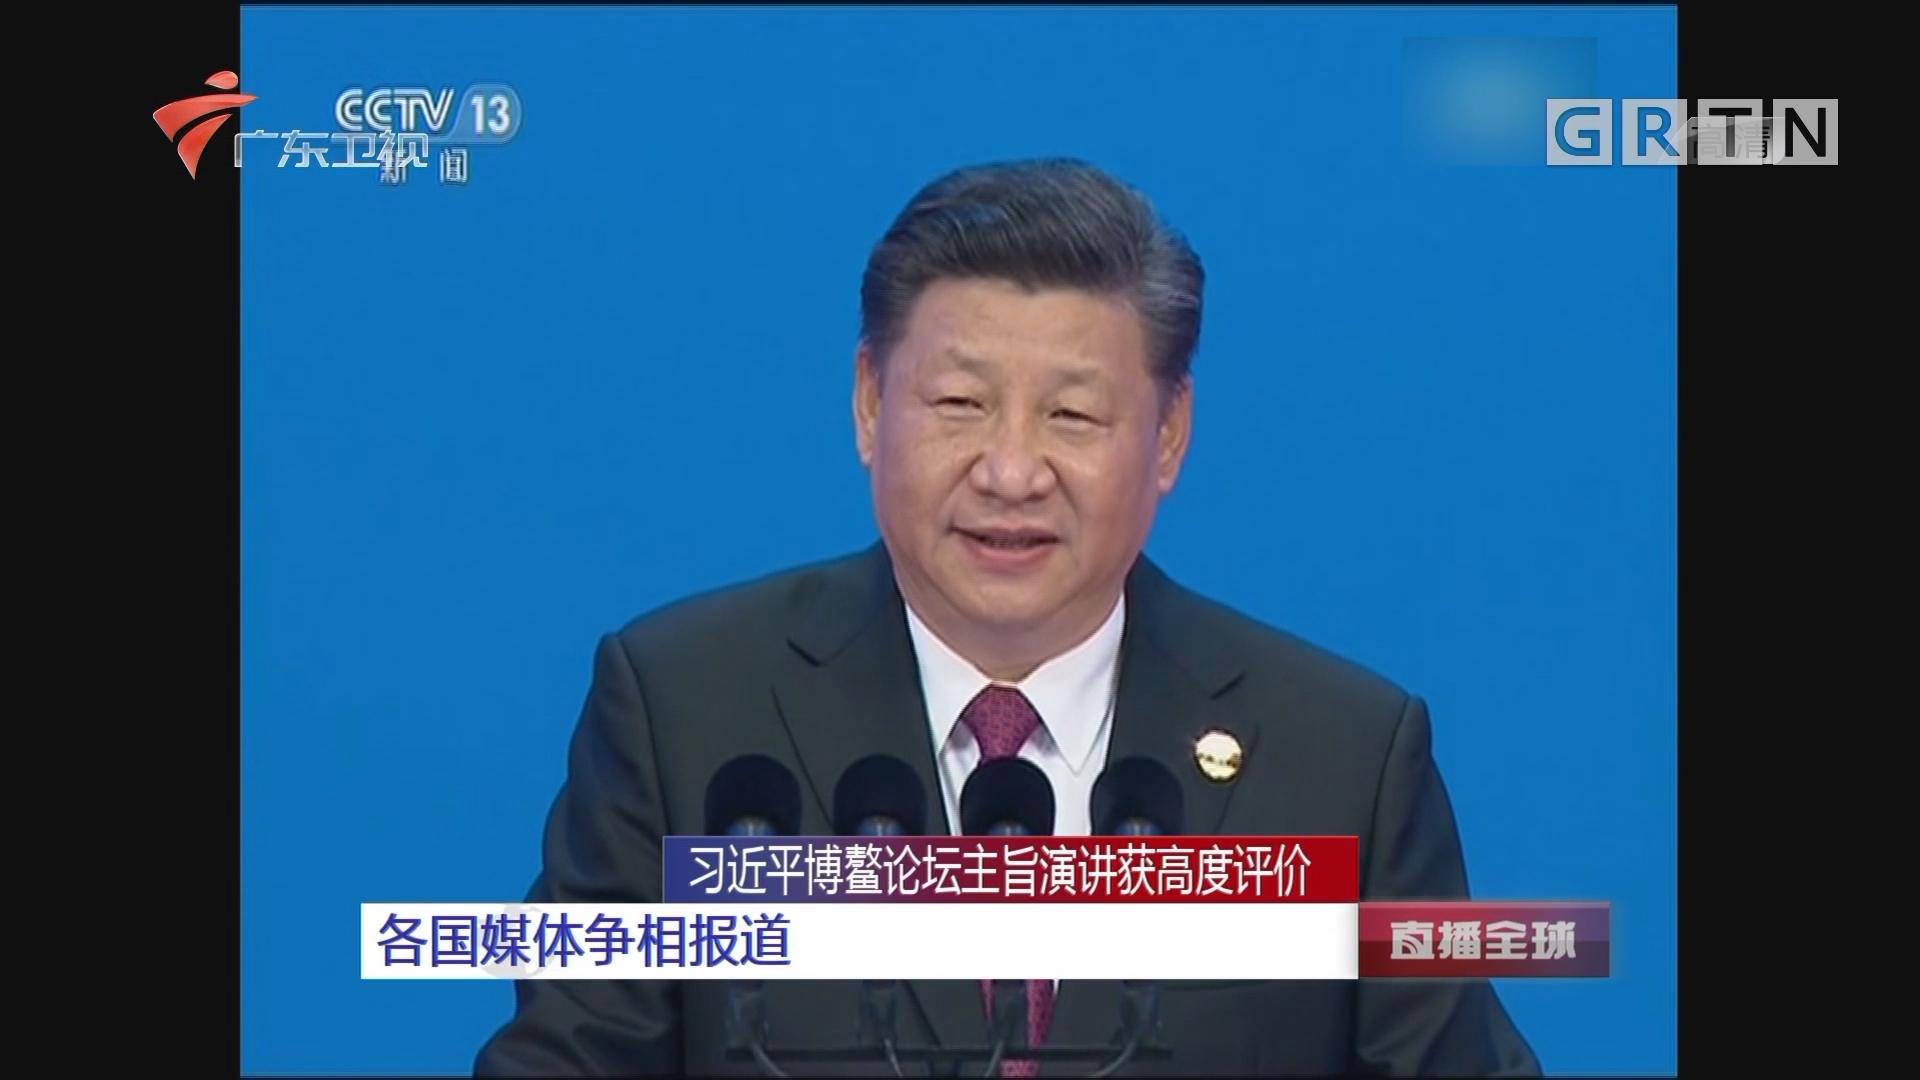 习近平博鳌论坛主旨演讲获高度评价:各国媒体争相报道